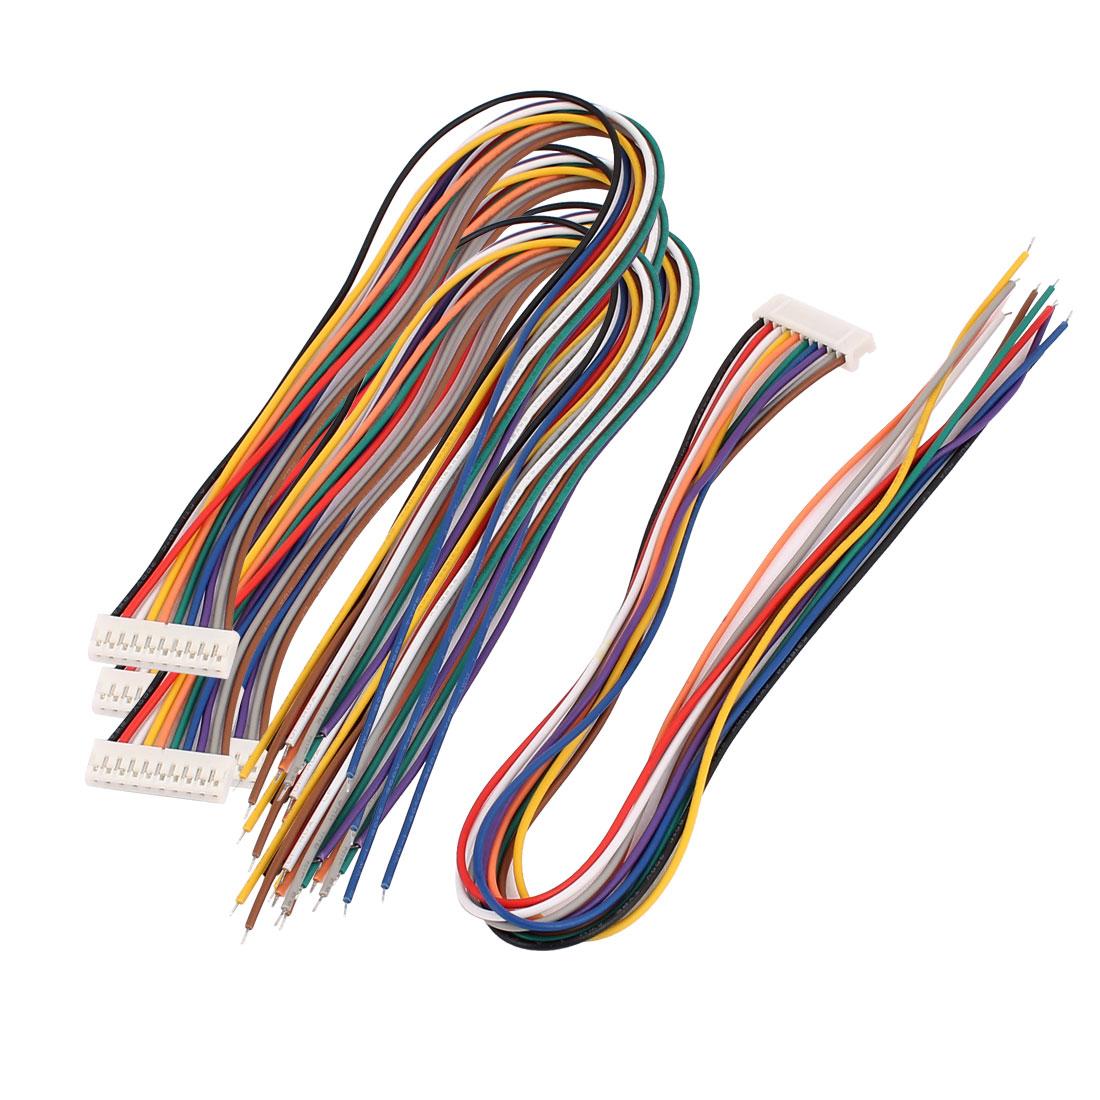 5 Pcs Single End 10P PH2.0 Balance Connector Extension Wire 30cm Multi-color